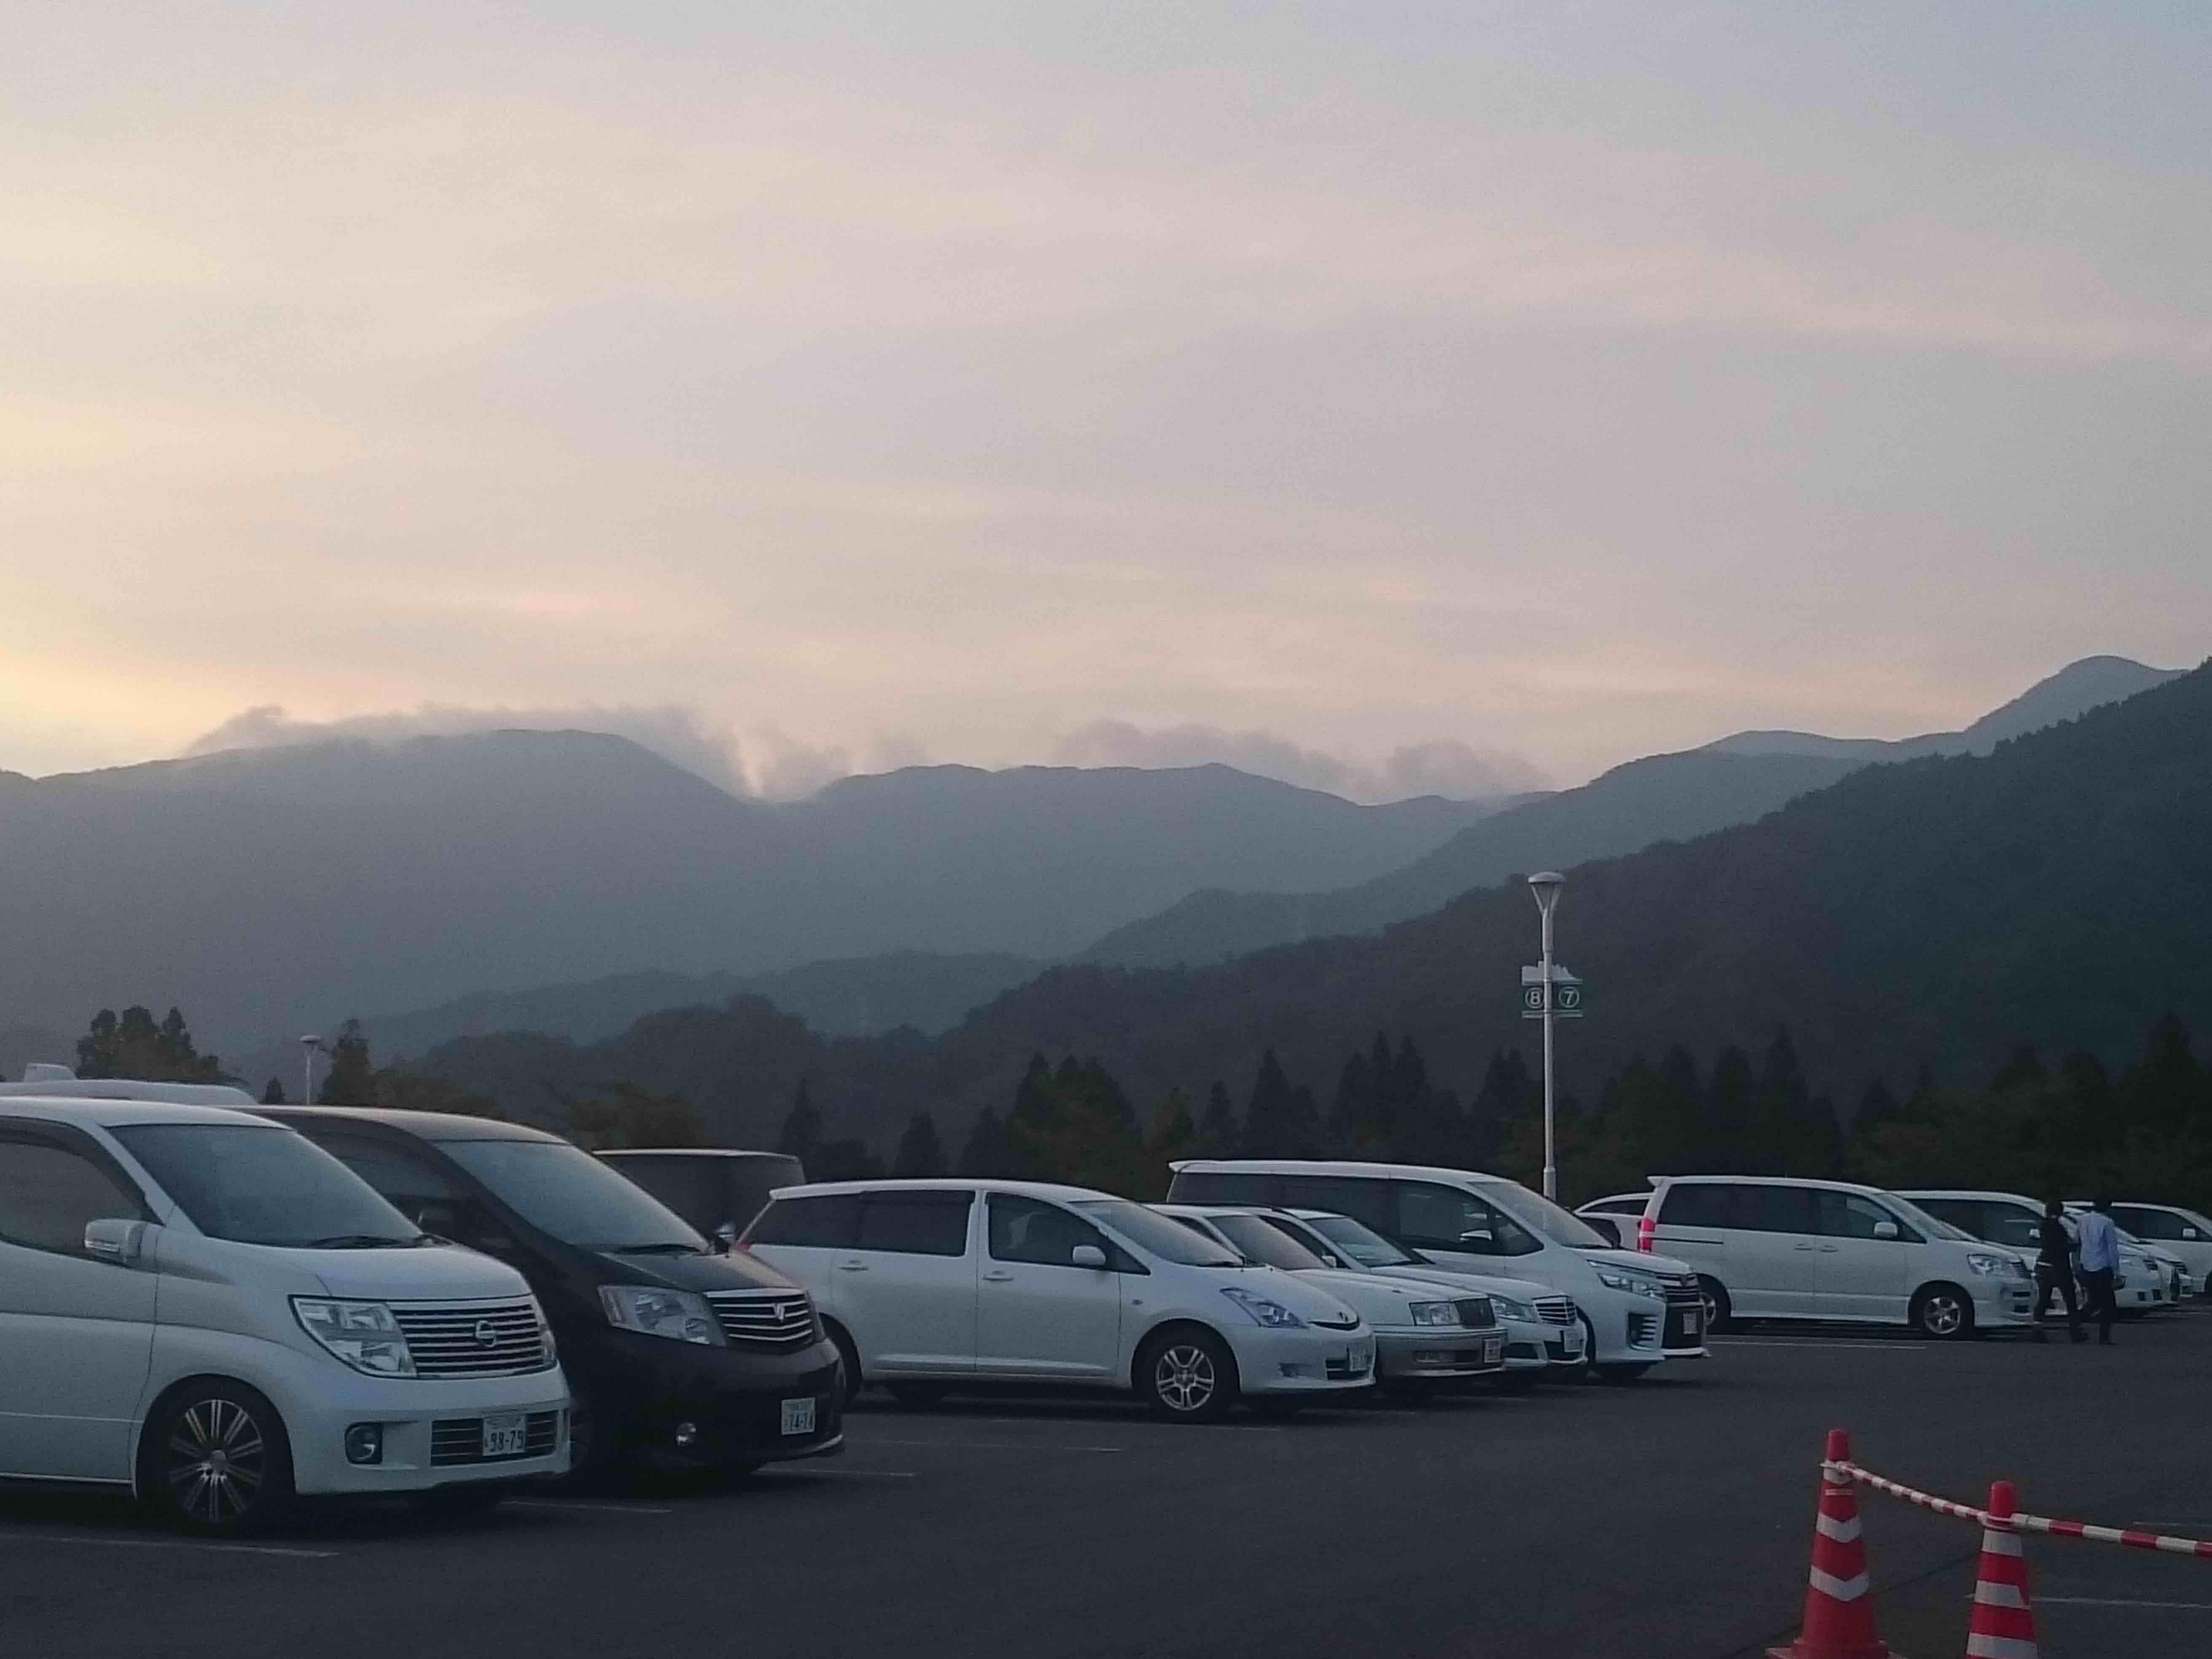 inaka-cars